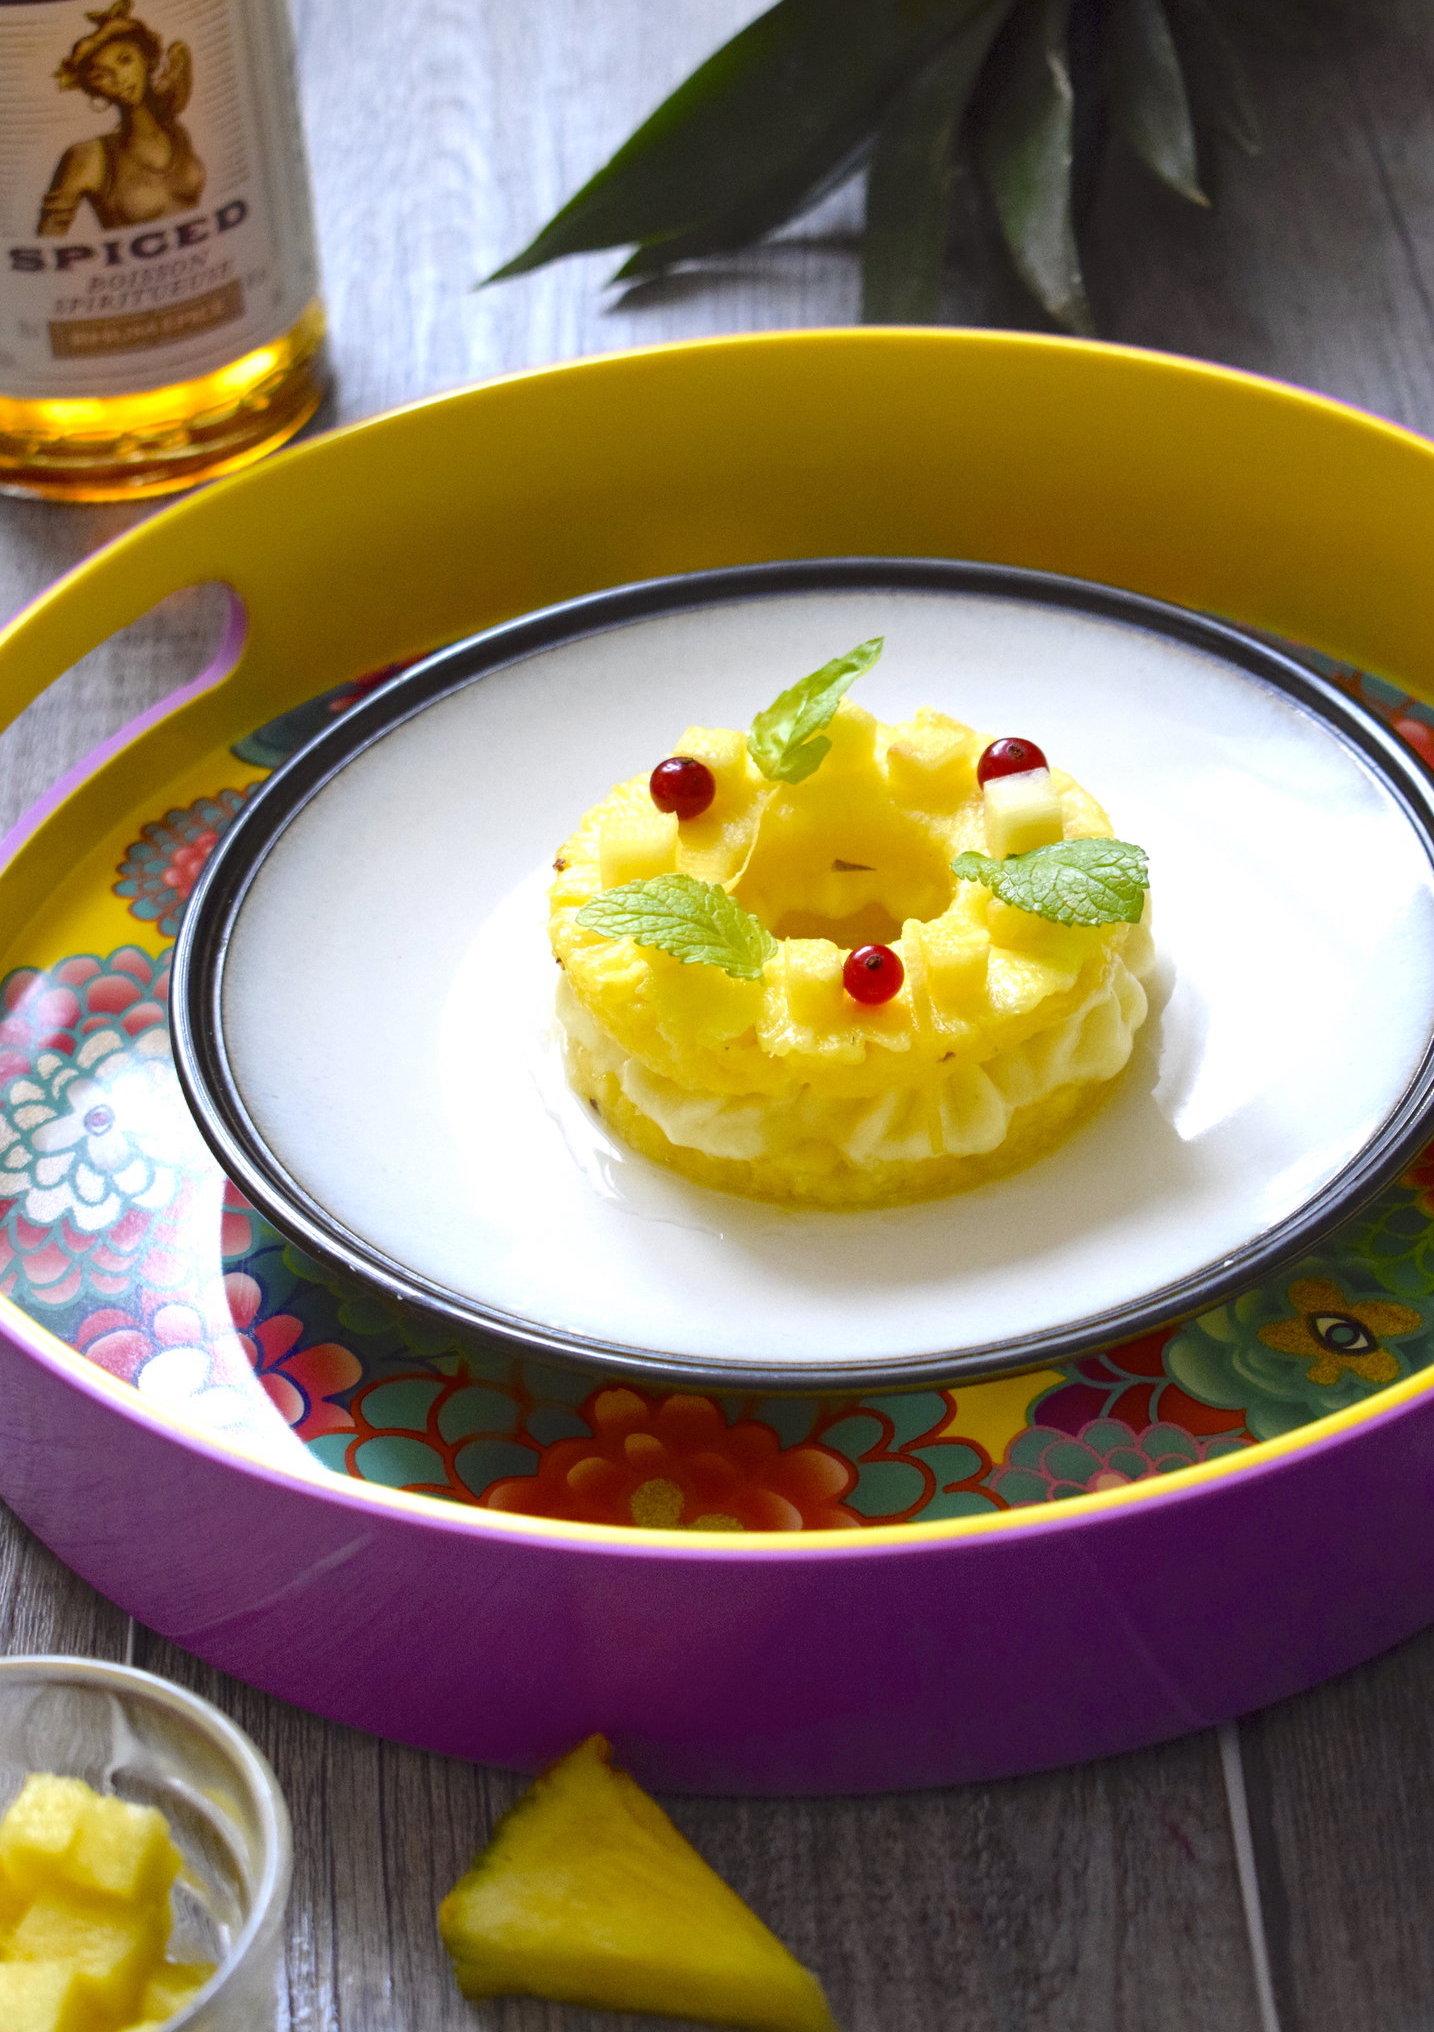 La recette est ici :  http://www.cyrilrouquet.com/recettes/2017/7/12/la-mauny-fort-de-france-paris-brest-glac-lananas-lci